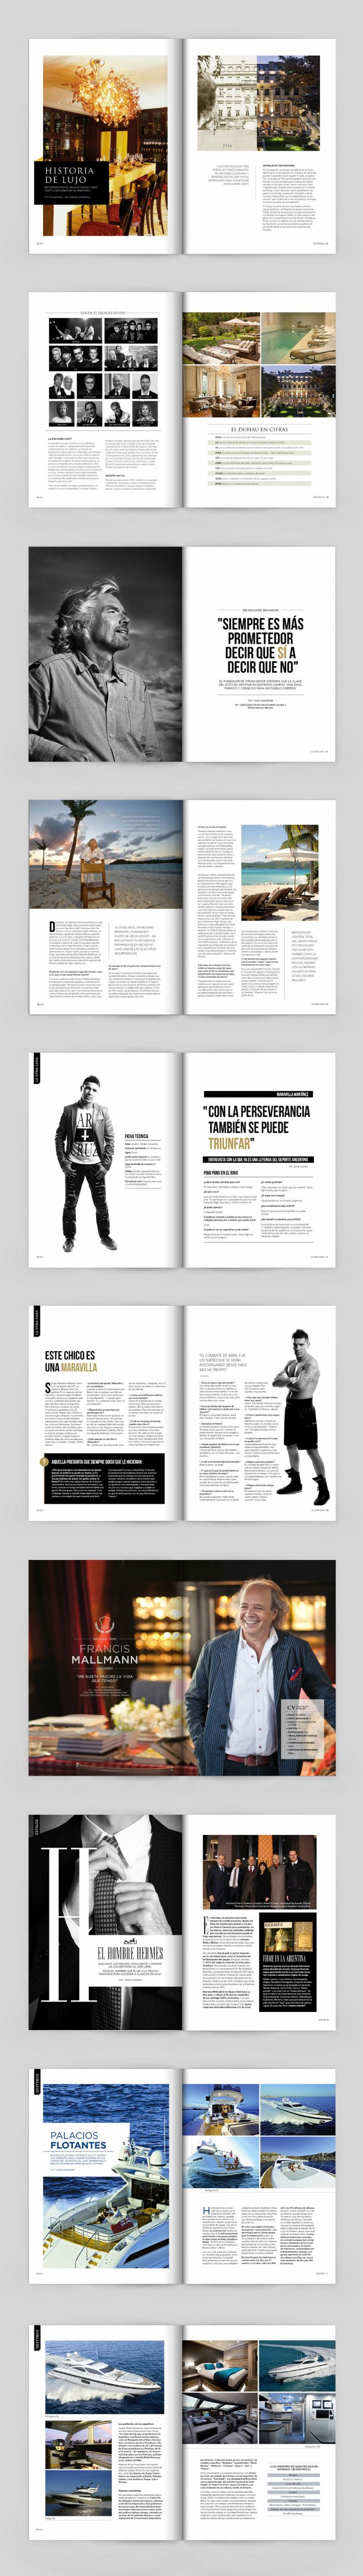 Diseño de la Revista Aeropuertos Vip Club, publicación de las Salas VIP de Aeropuertos Argentina 2000.